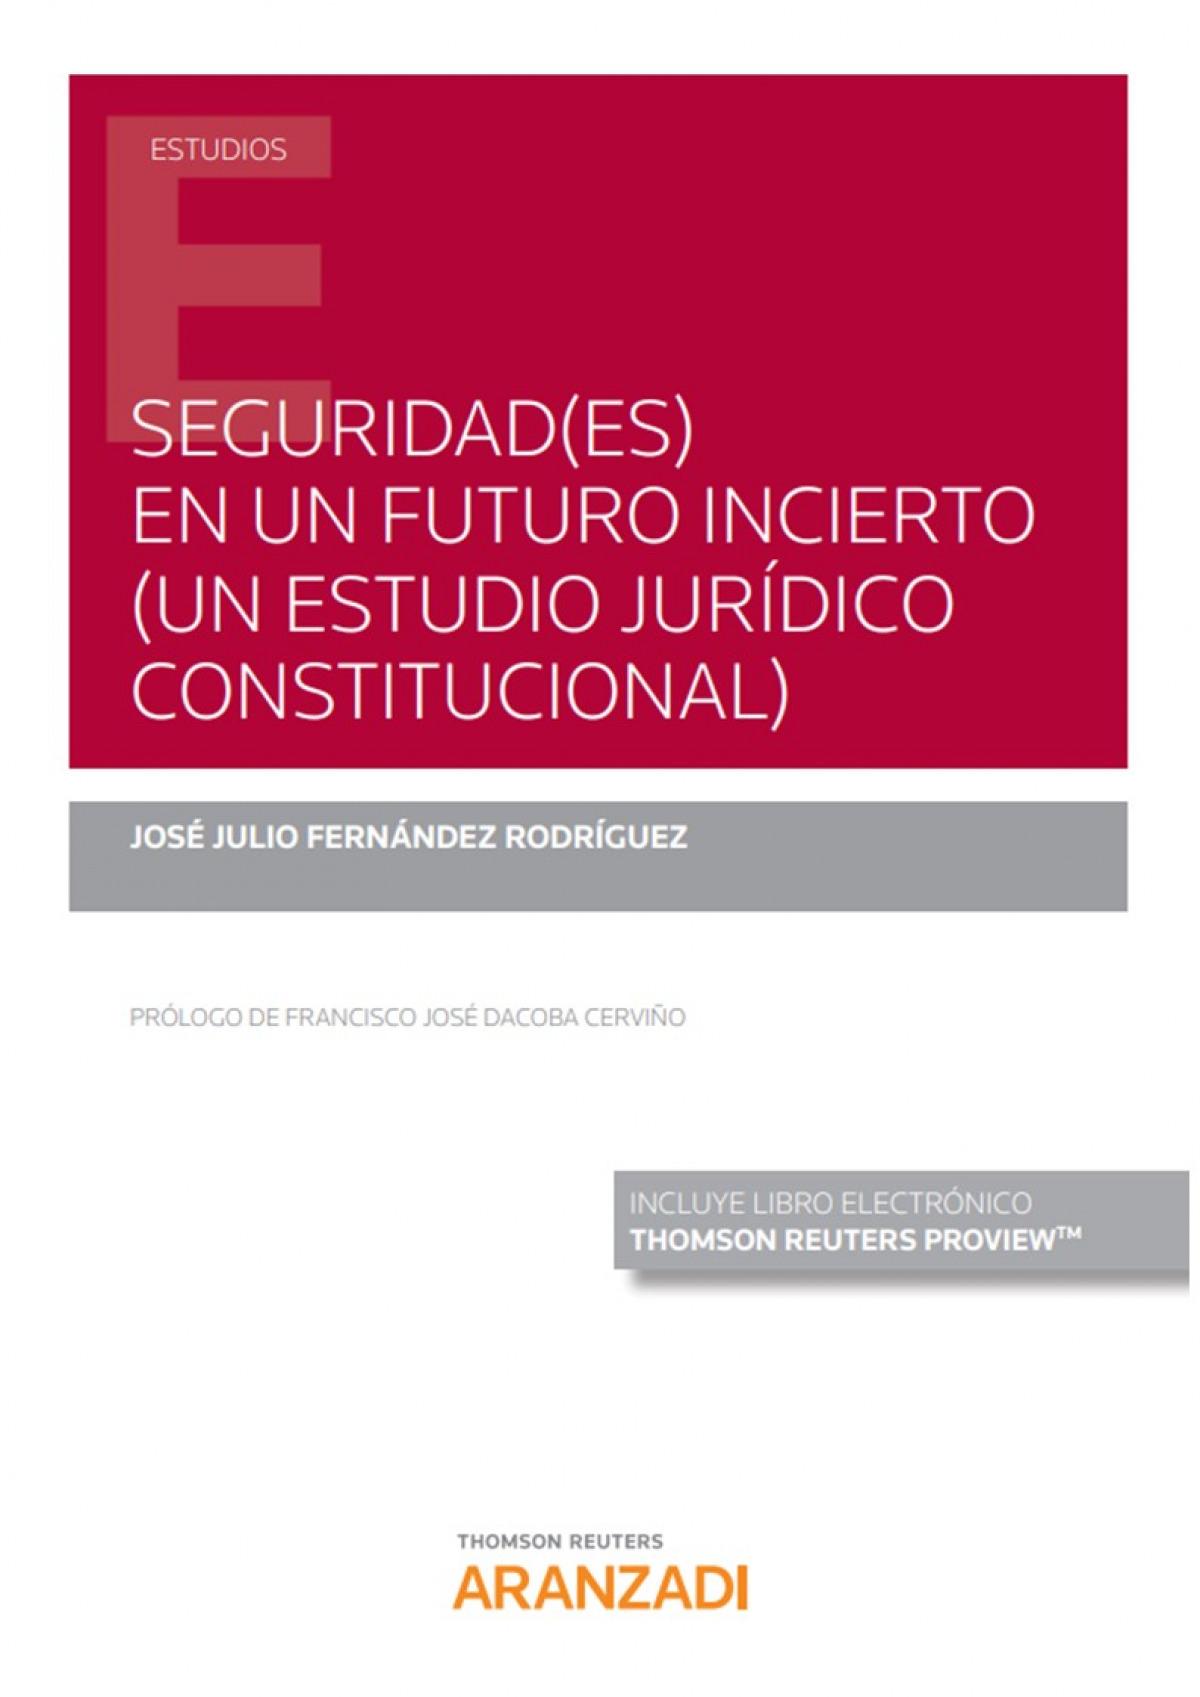 Seguridad(es) en un futuro incierto (un estudio jur¡dico constitucional) (Papel + e-book) 9788413452